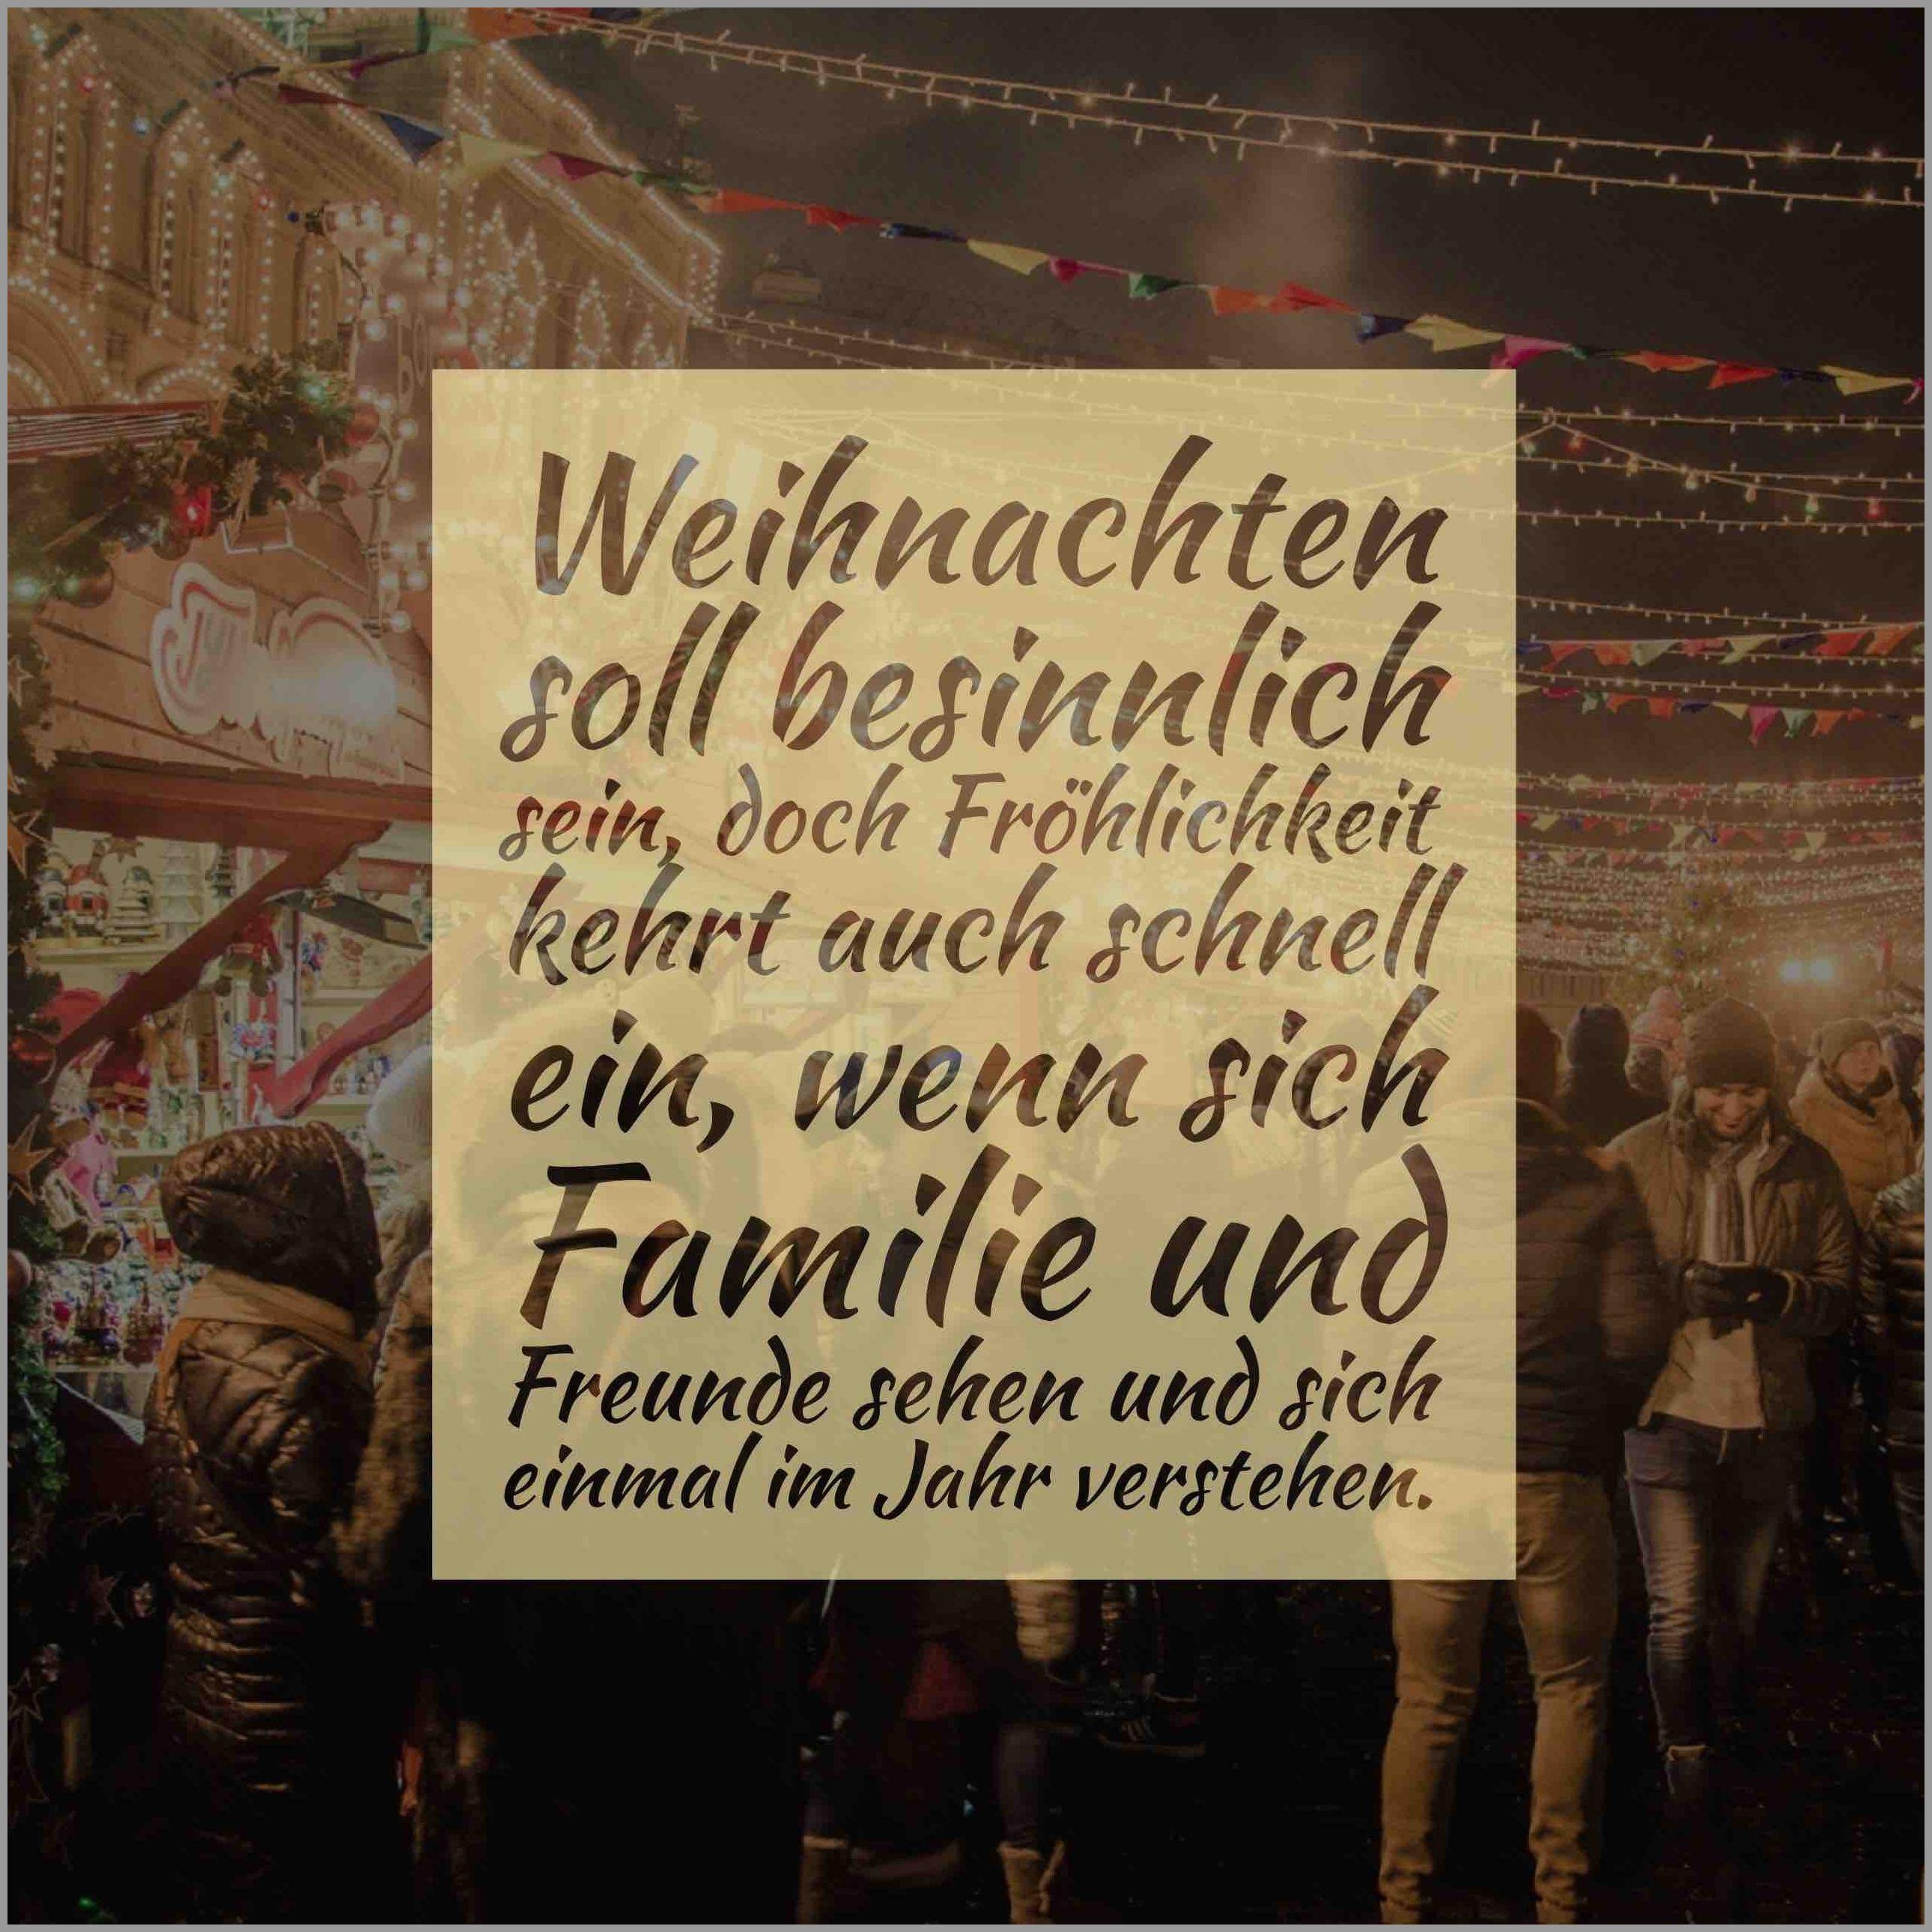 Weihnachten soll besinnlich sein doch froehlichkeit kehrt auch schnell ein wenn sich familie und freunde sehen und sich einmal im jahr verstehen - Weihnachten soll besinnlich sein doch froehlichkeit kehrt auch schnell ein wenn sich familie und freunde sehen und sich einmal im jahr verstehen